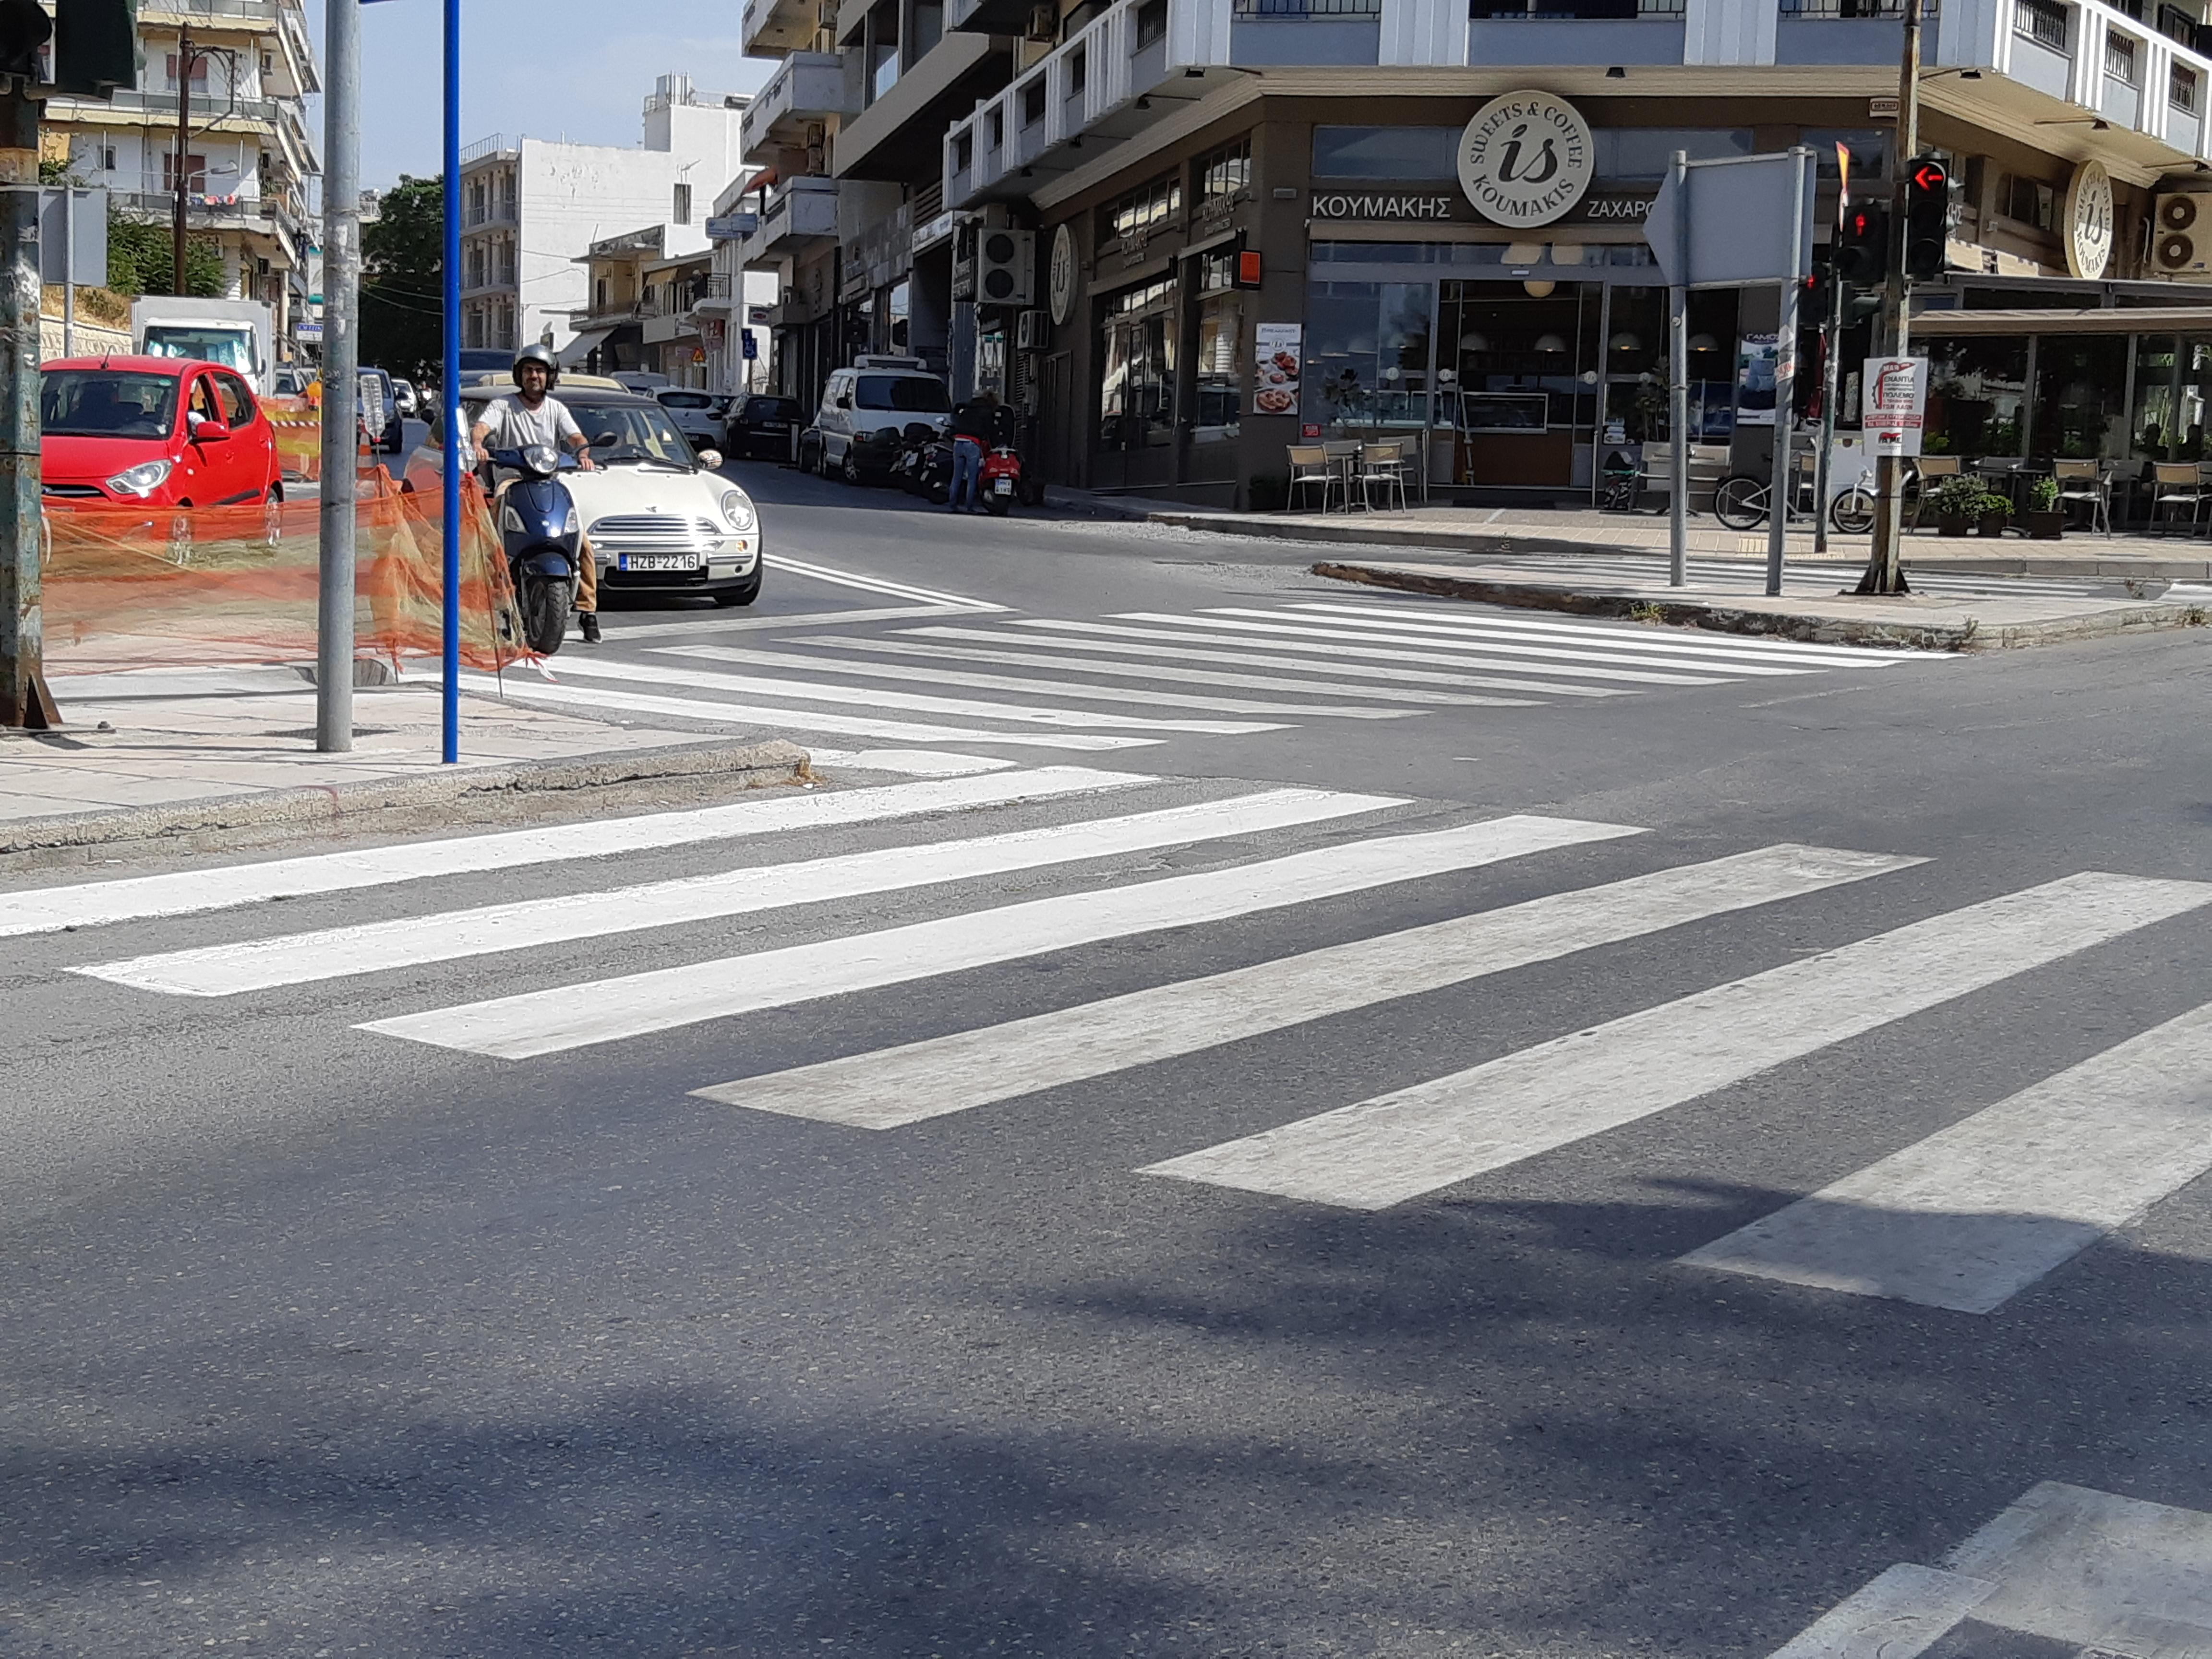 Σημαντικά έργα σήμανσης στους δρόμους για την ασφάλεια των πεζών υλοποίησε ο Δήμος Ηρακλείου